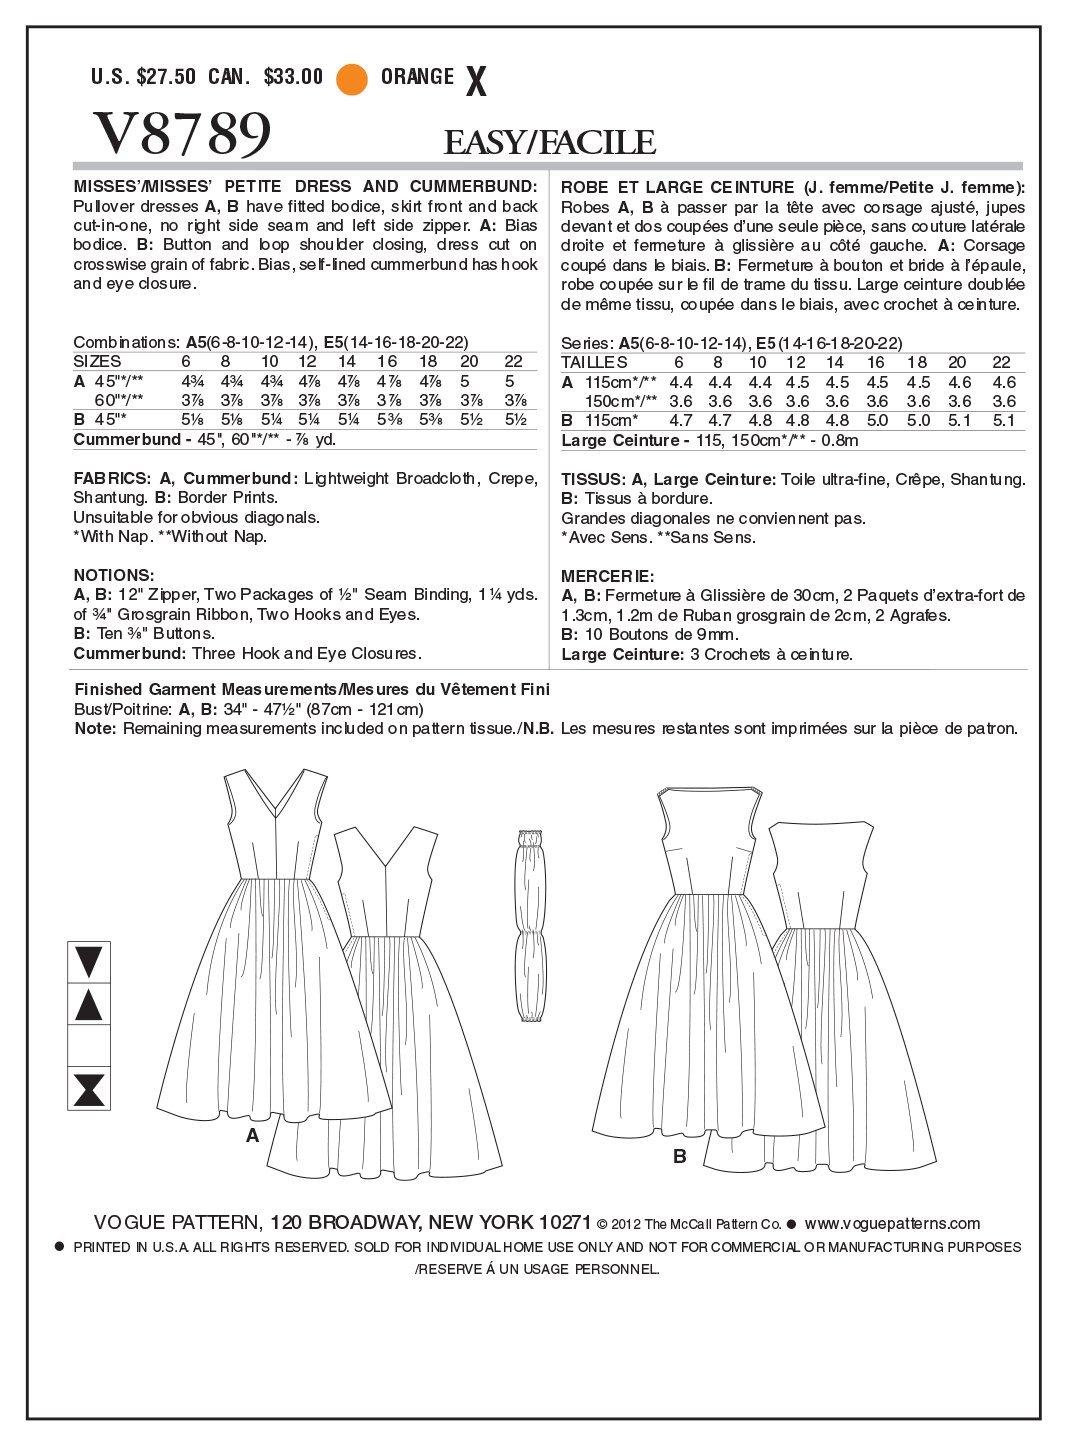 Vogue Patterns V8789 - Patrones de costura para vestidos con fajín ...